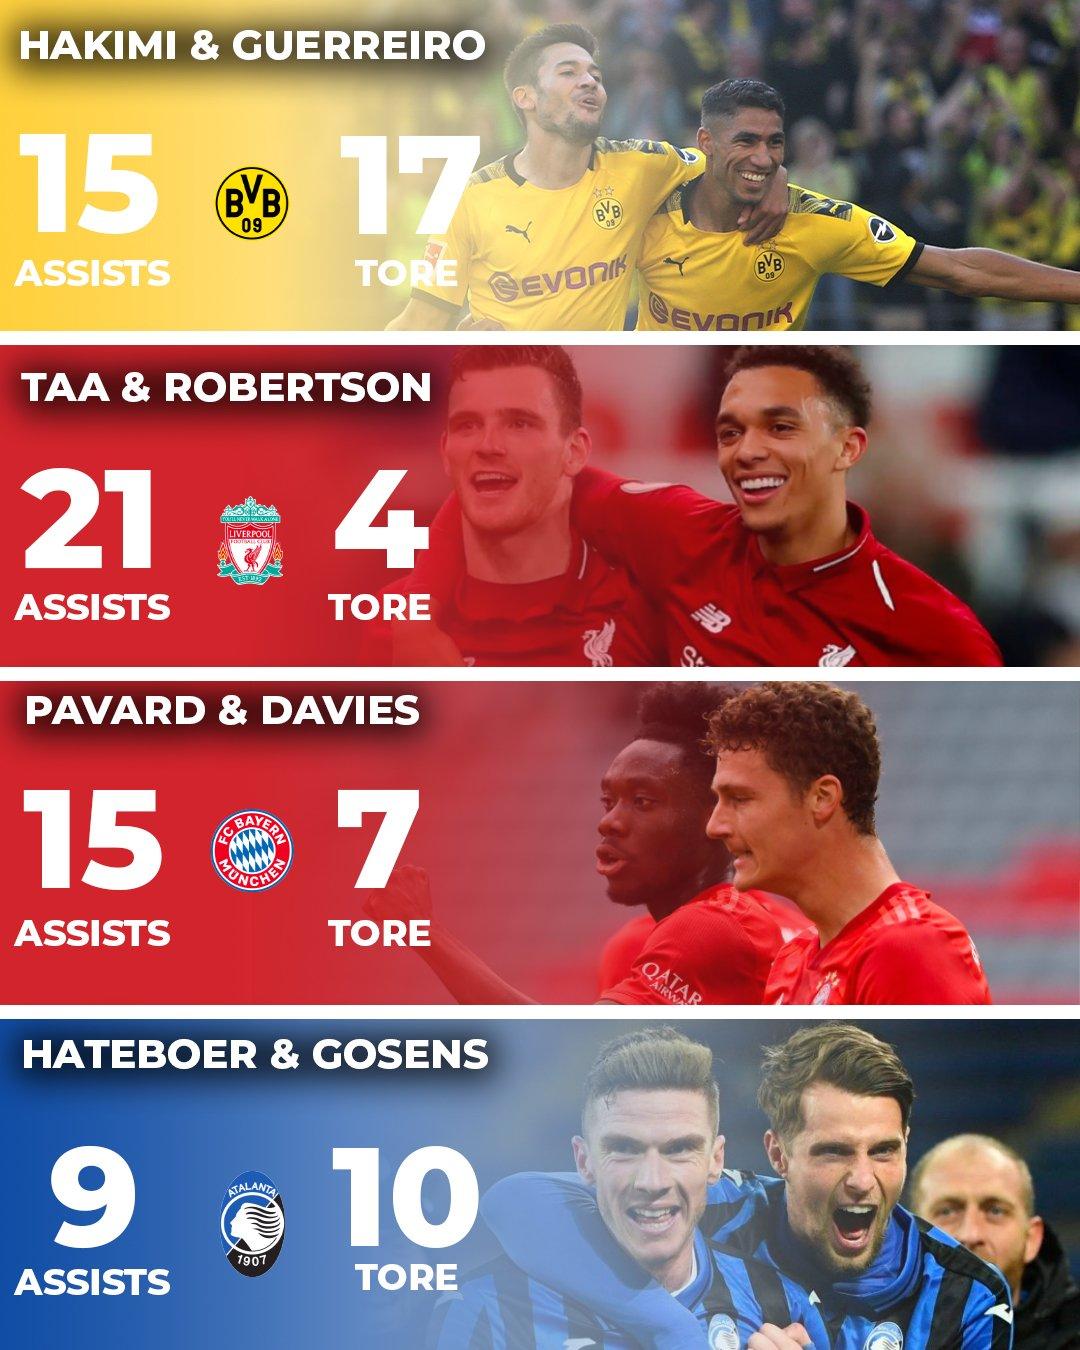 Die besten Außenverteidiger der Welt: Pavard und Davies in den Top 3, BVB-Duo an der Spitze